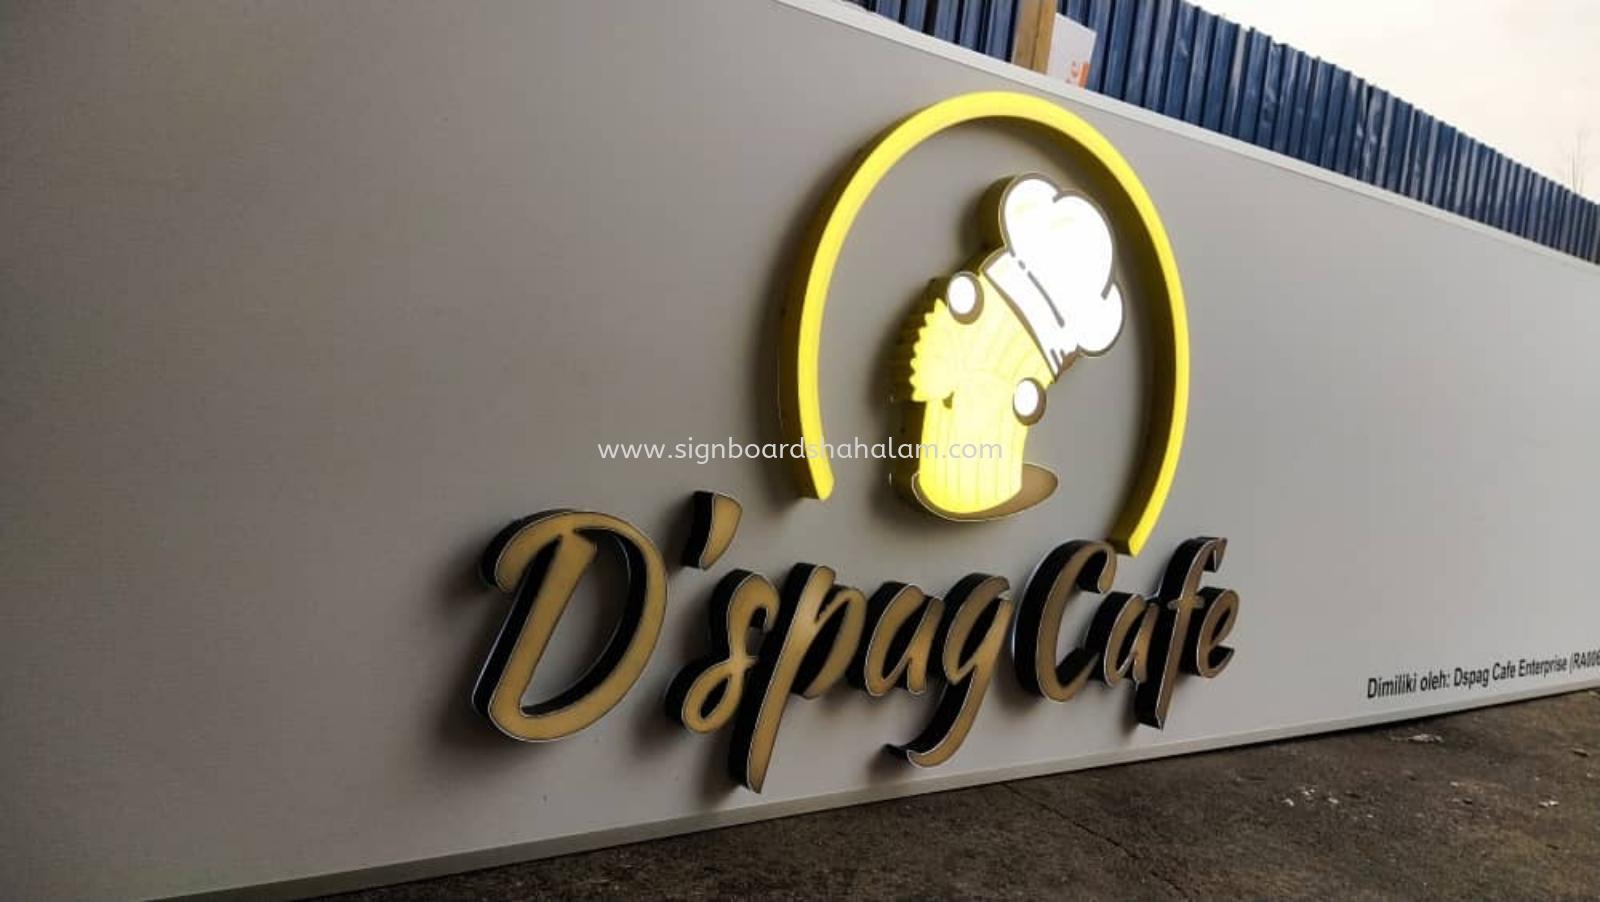 Signboard D 'spag Cafe, 3D LED Signboard